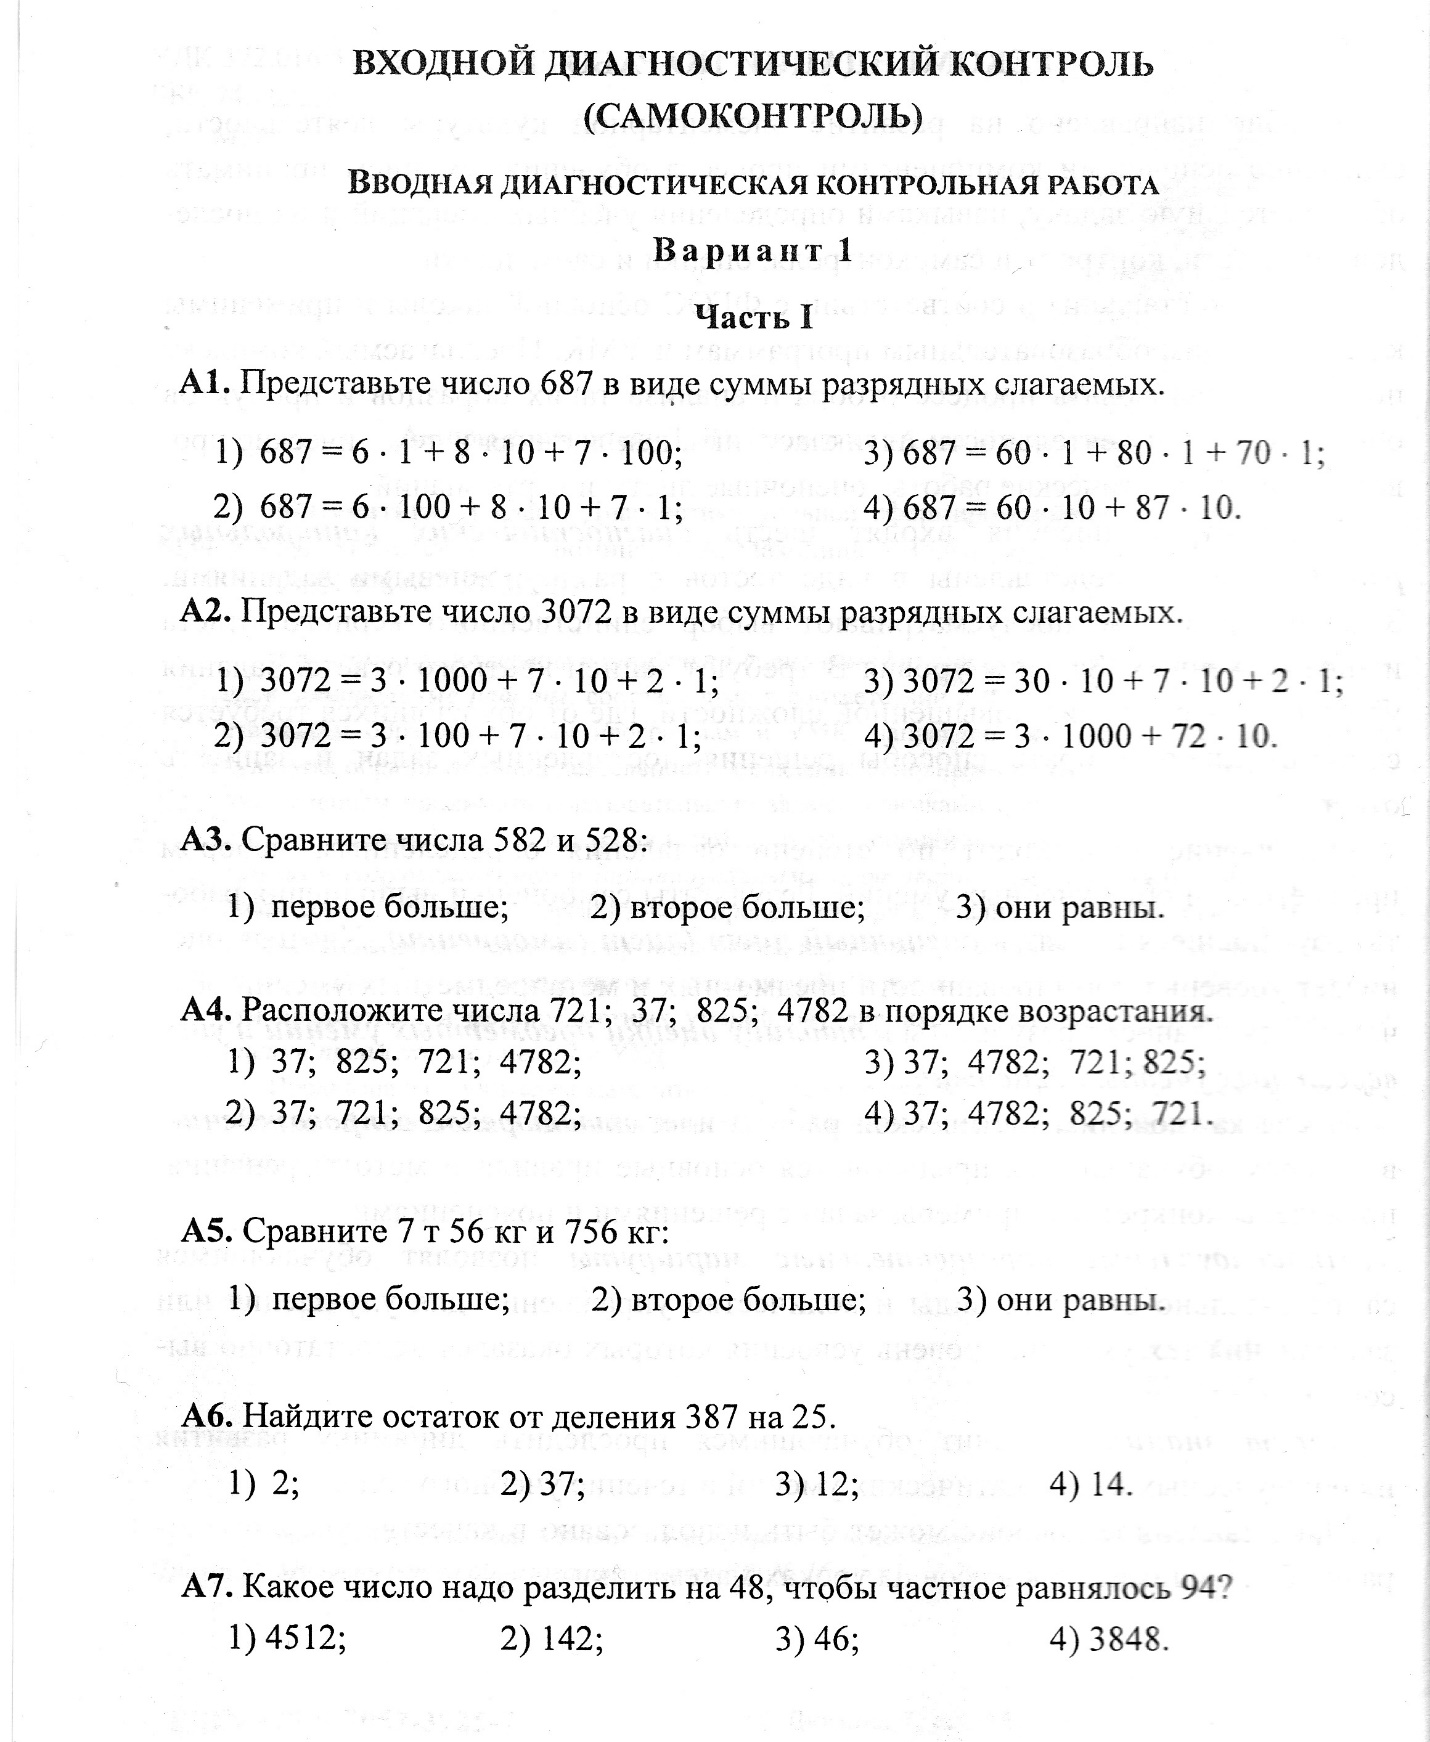 Рабочая программа групповой математики во 2 классе